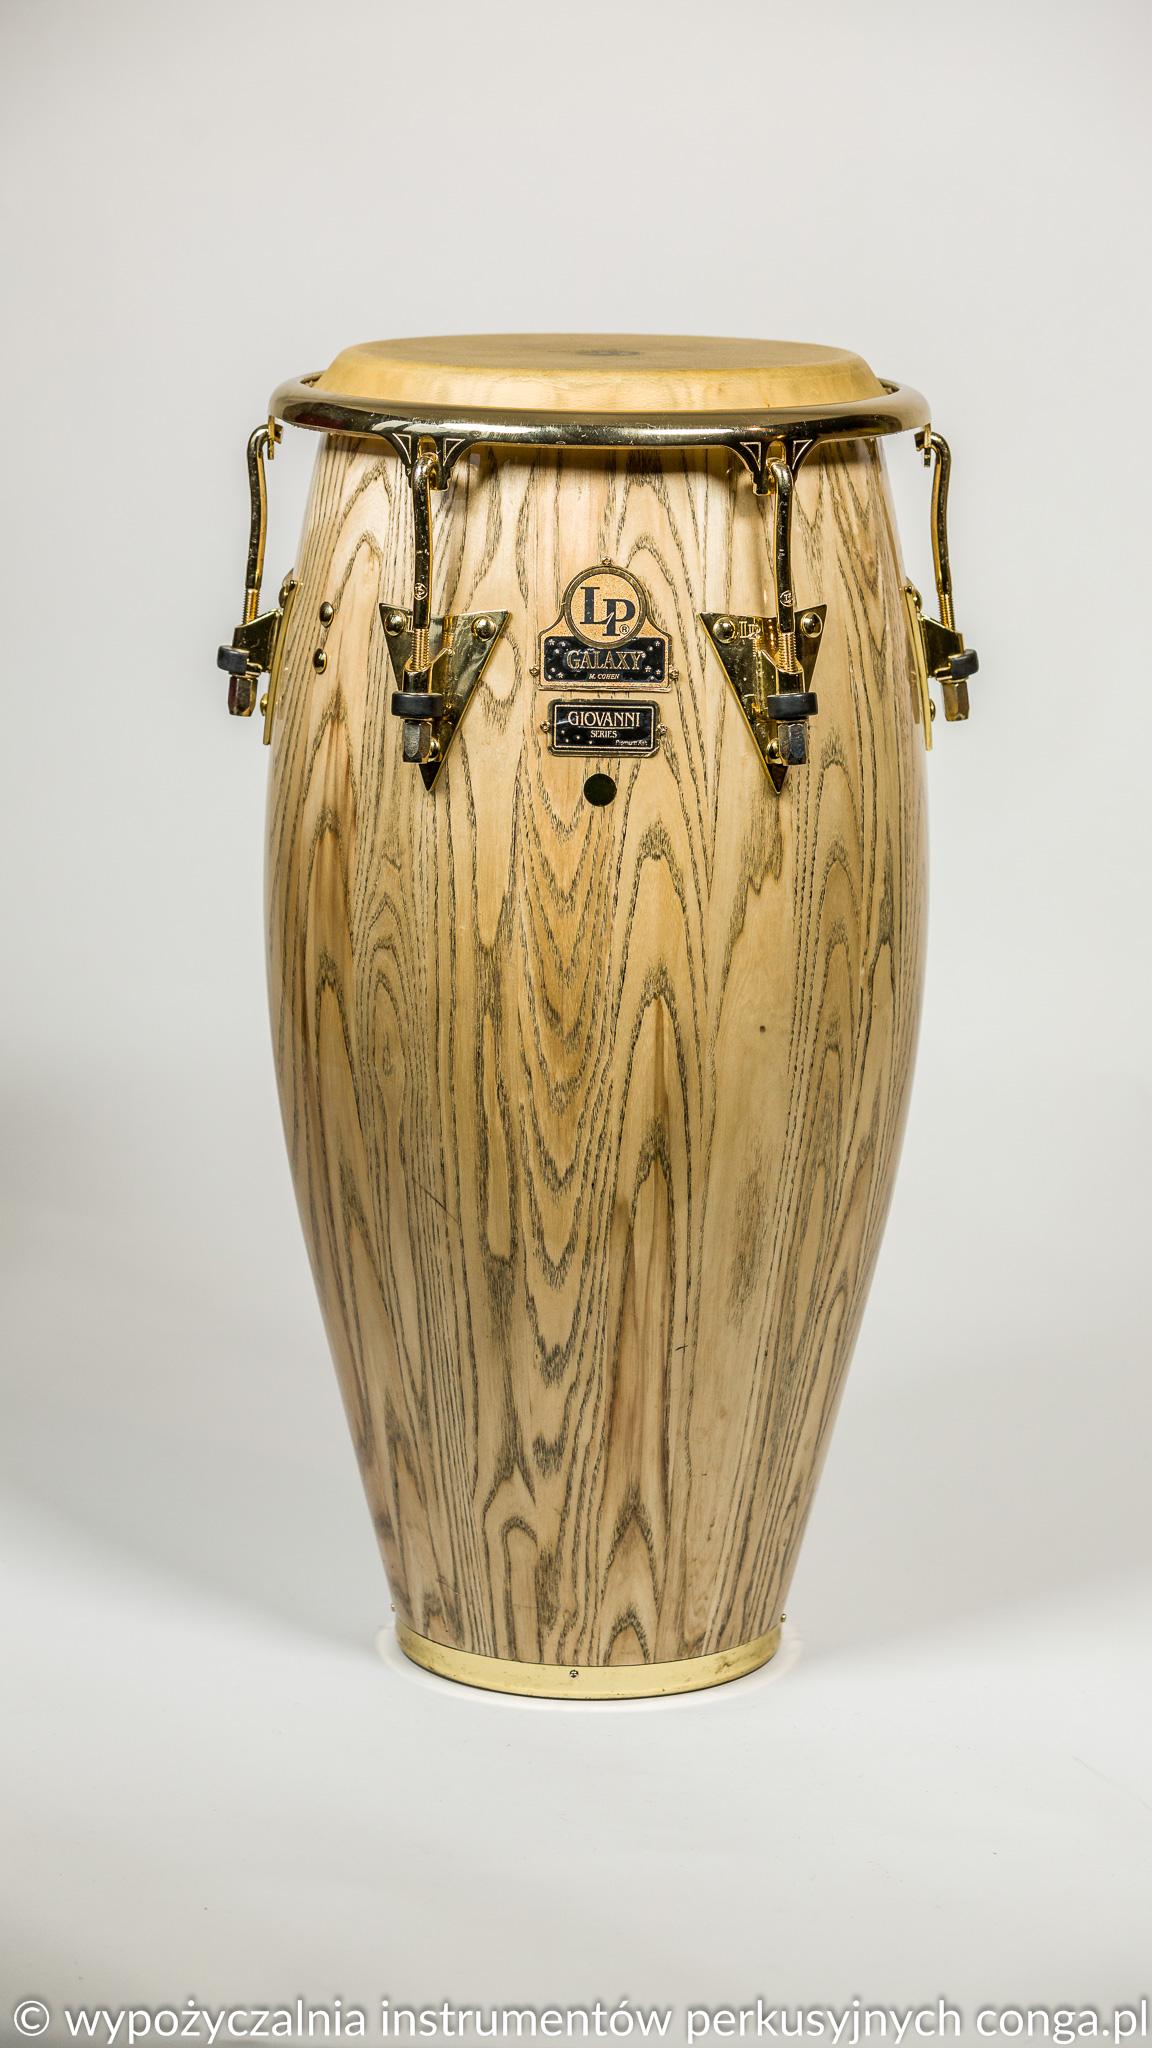 LP806Z-AW-GALAXY-GIOVANNI-SIGNATURE-CONGA--Wypożyczalnia-instrumentów-perkusyjnych--CONGA.PL--0260.jpg